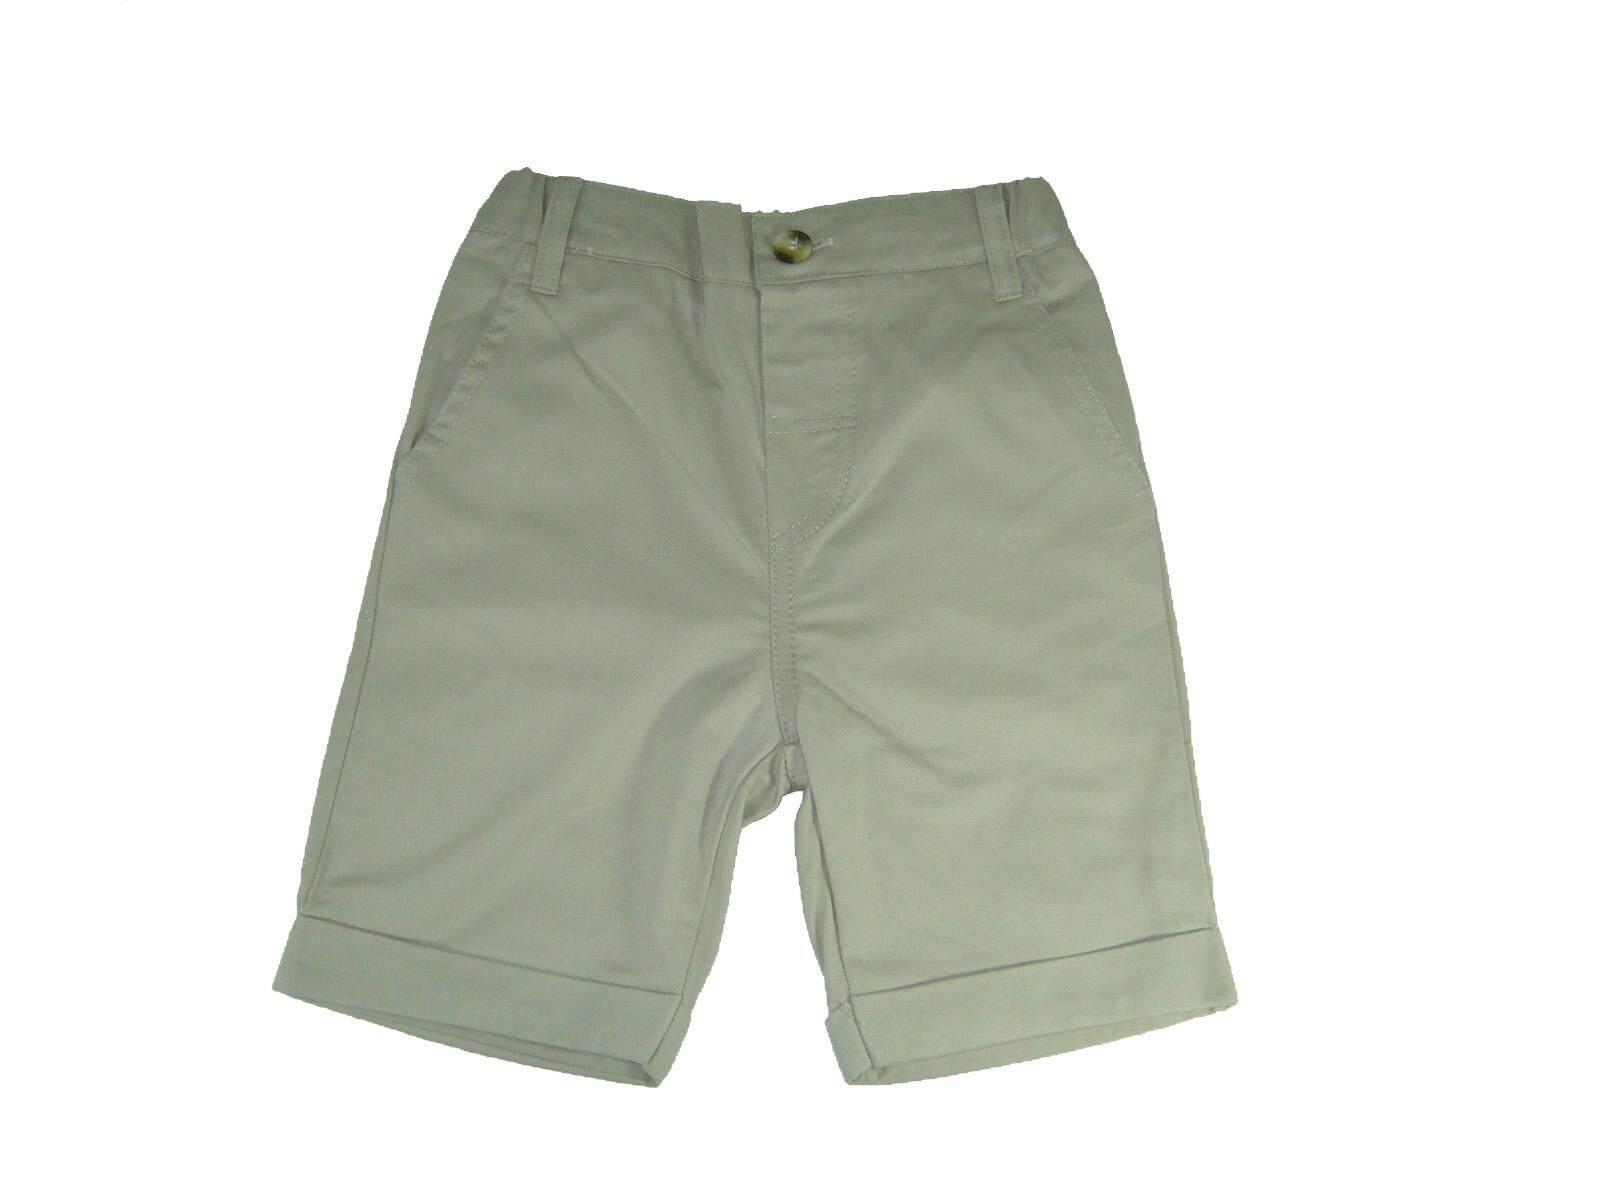 กางเกงเด็กชายขาสั้นผ้าทวิลสีเหลืองสีเบจไซส์6-24เดือน